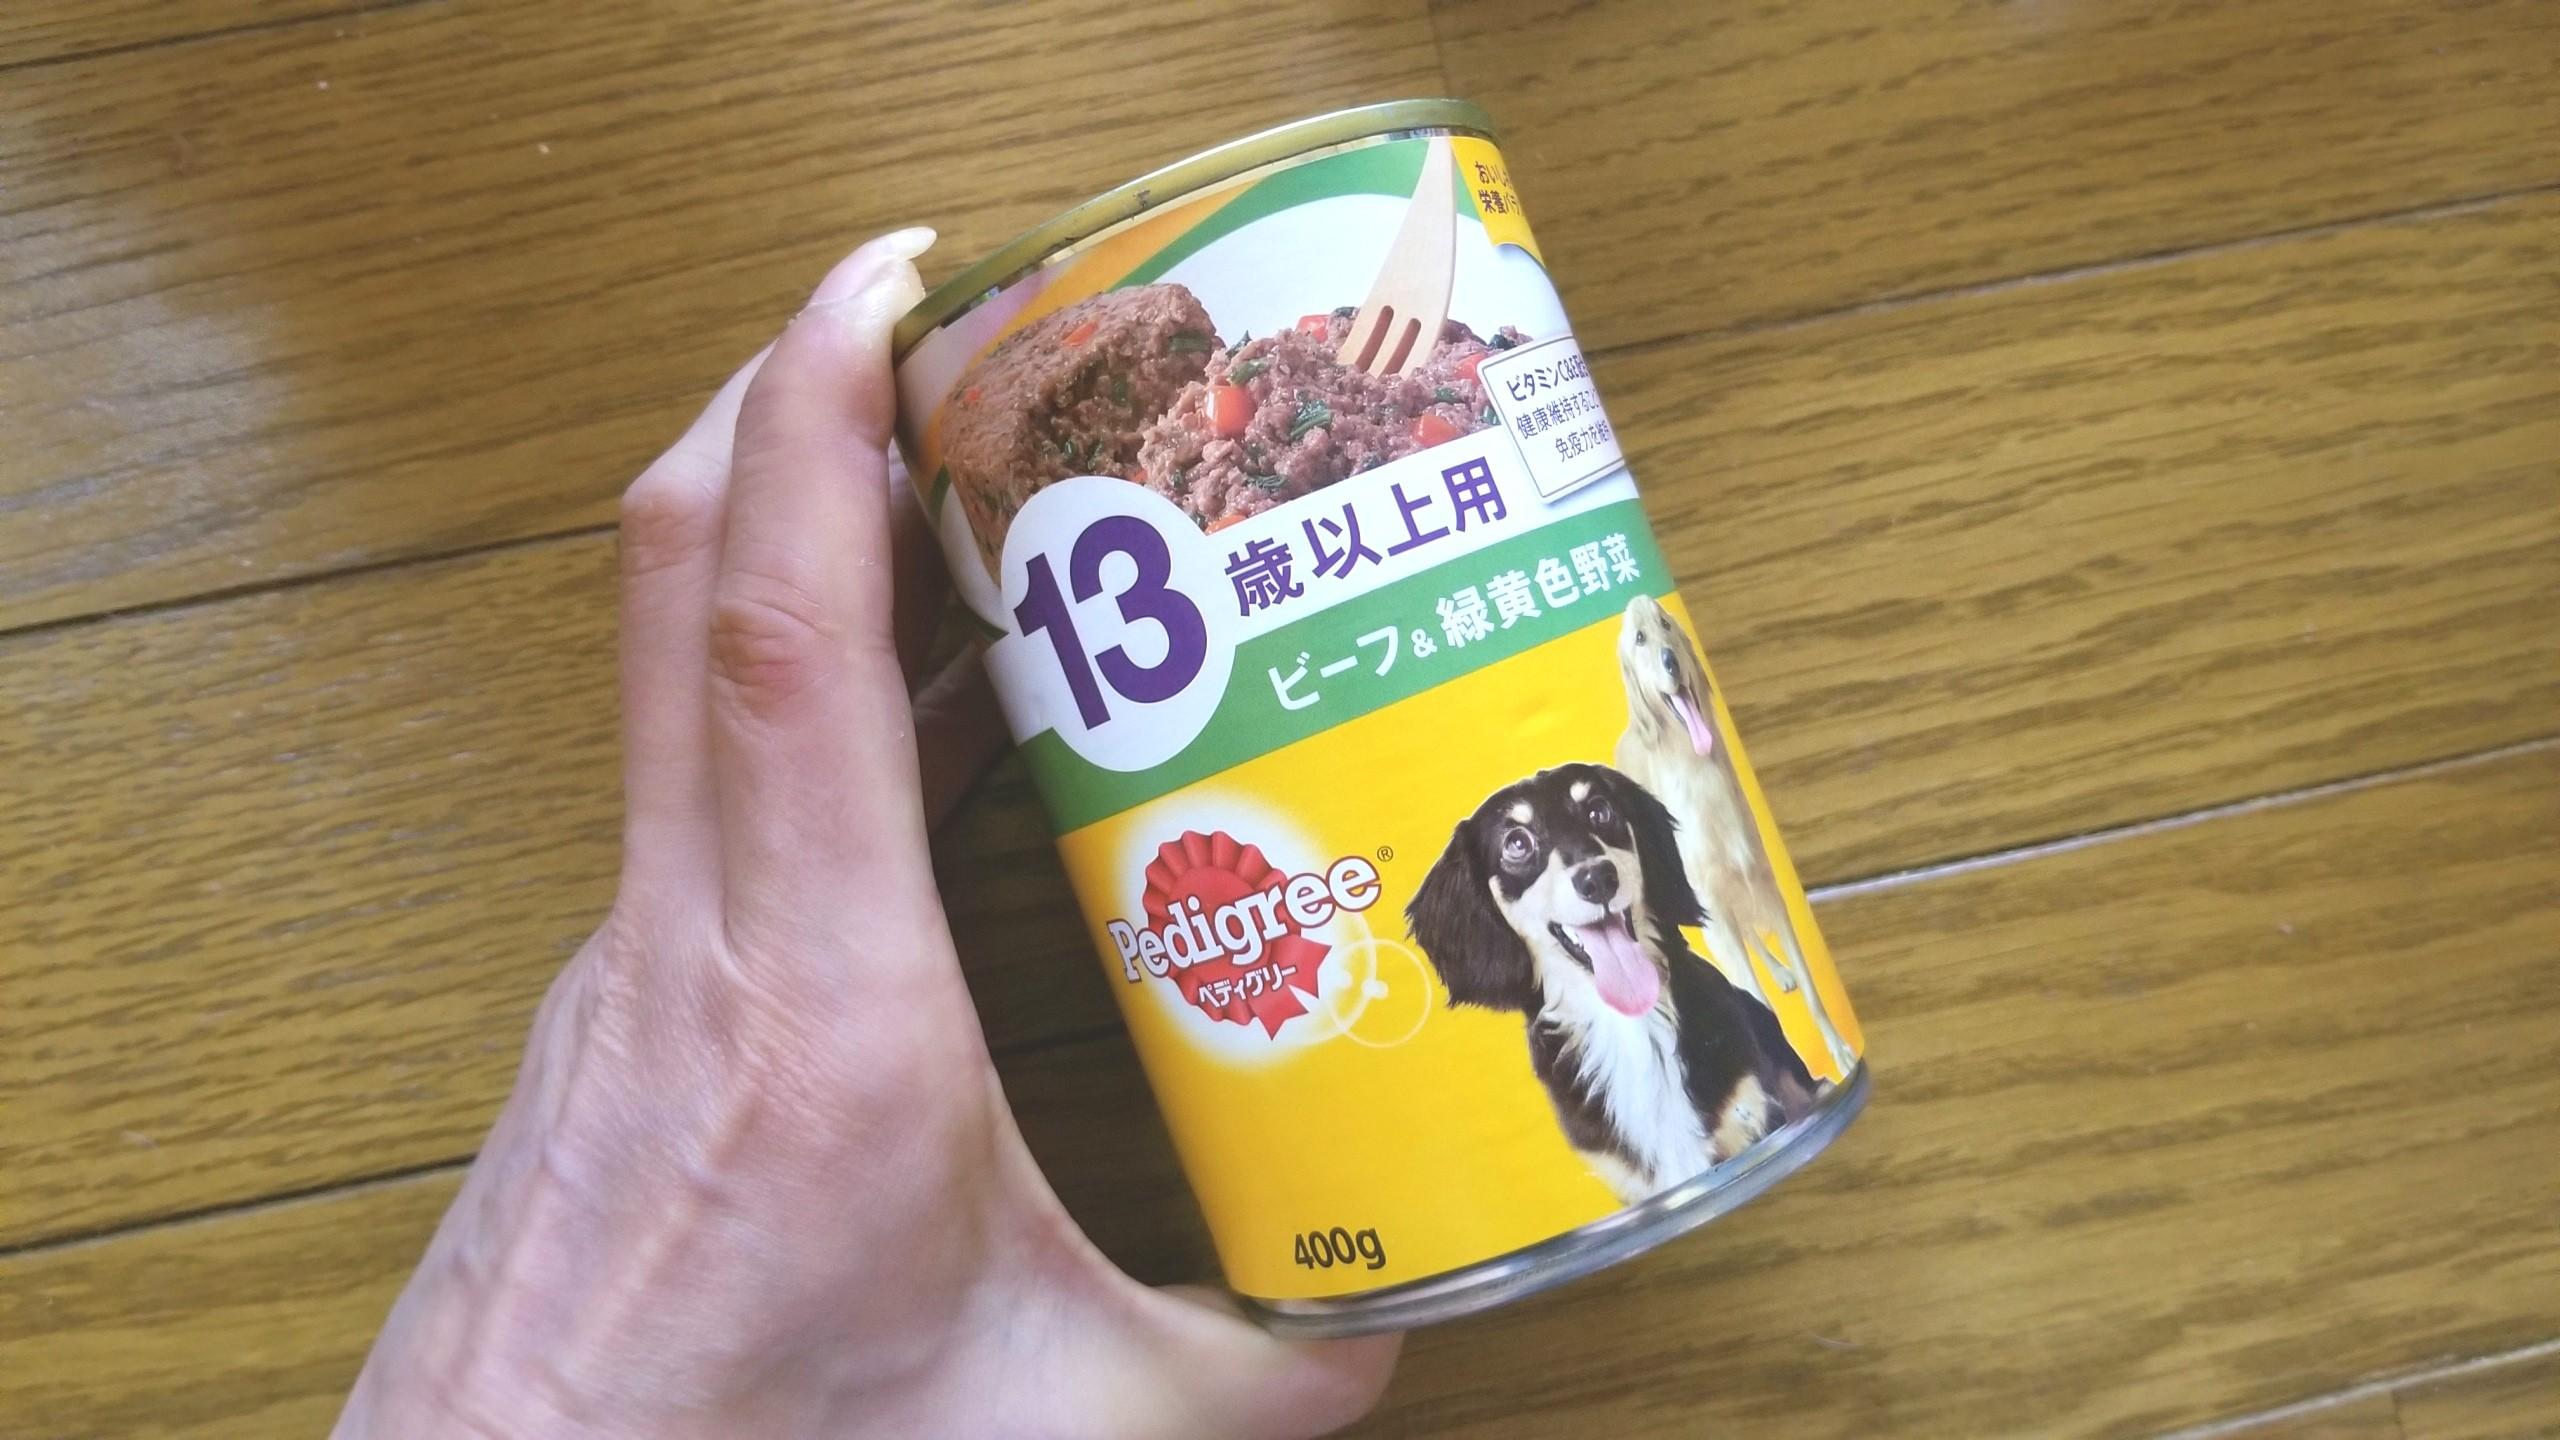 缶詰めドッグフード,愛犬君の食事管理,軟便や下痢,うんちチェック